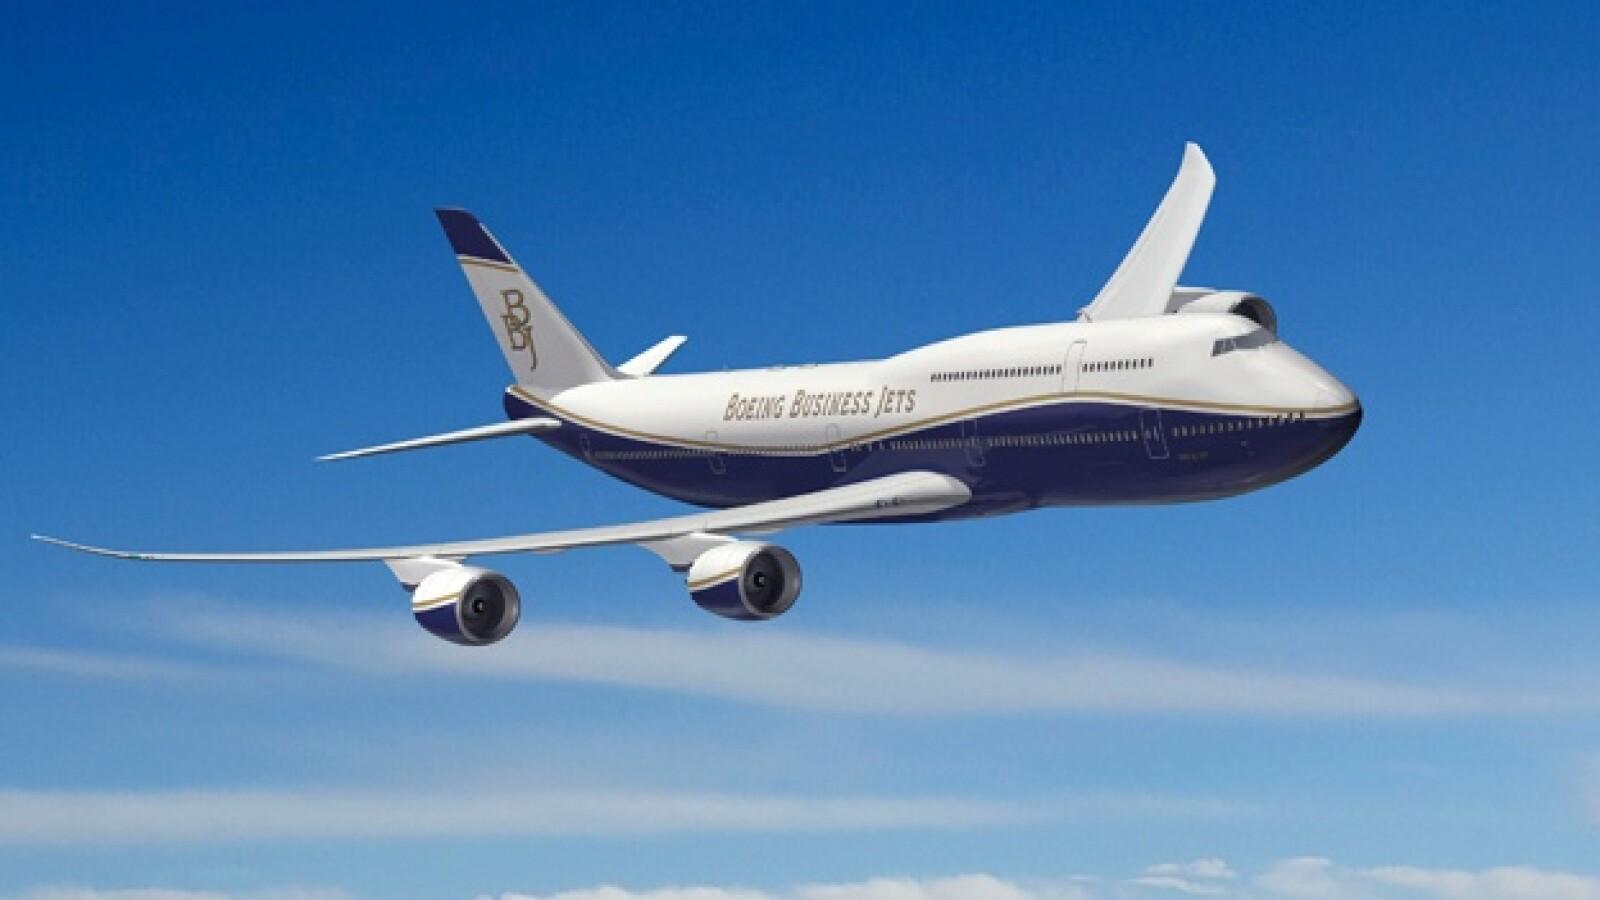 aviones boeing jets lujo